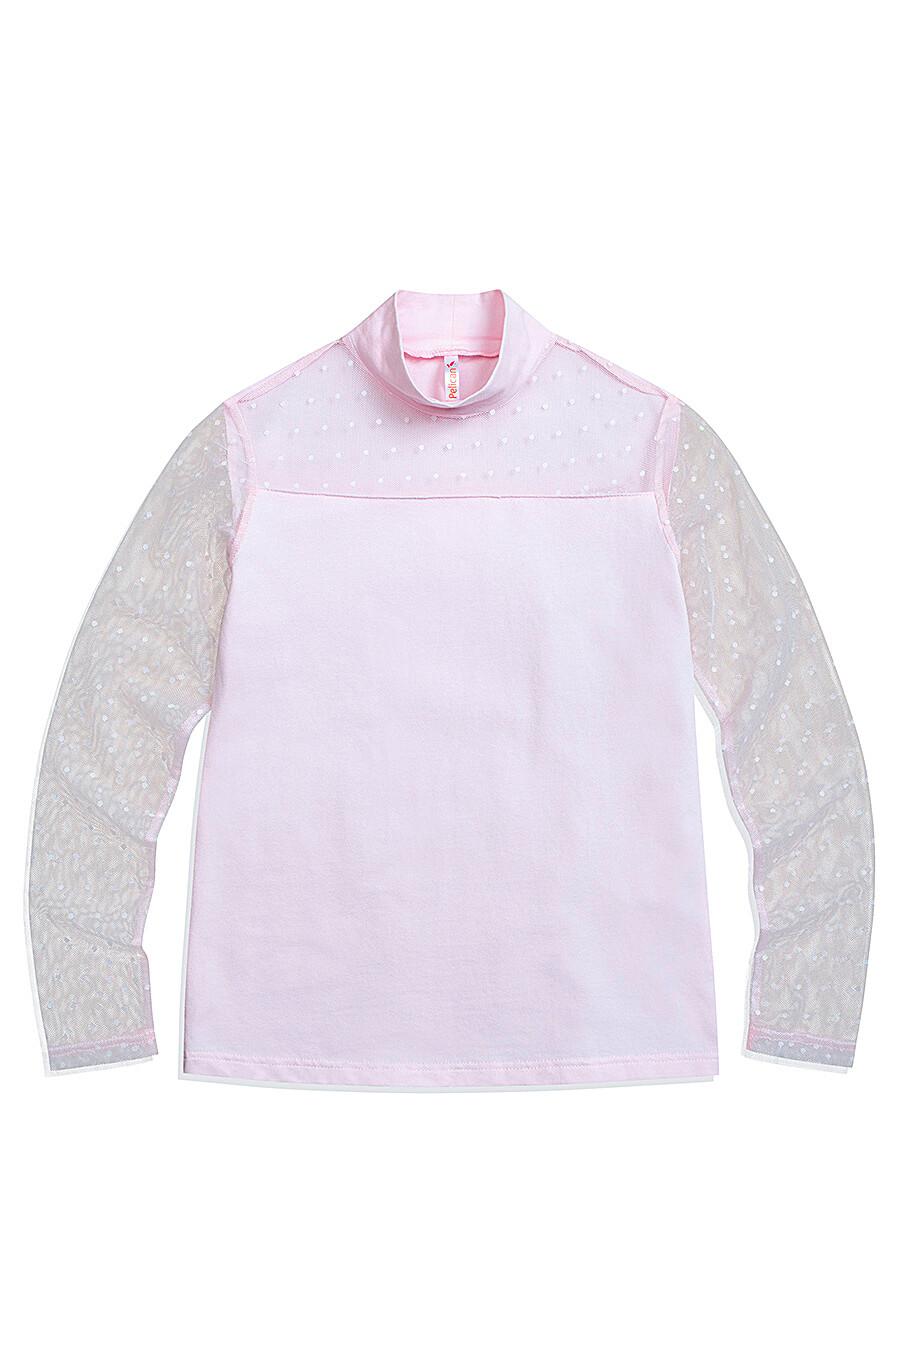 Блузка для девочек PELICAN 218561 купить оптом от производителя. Совместная покупка детской одежды в OptMoyo